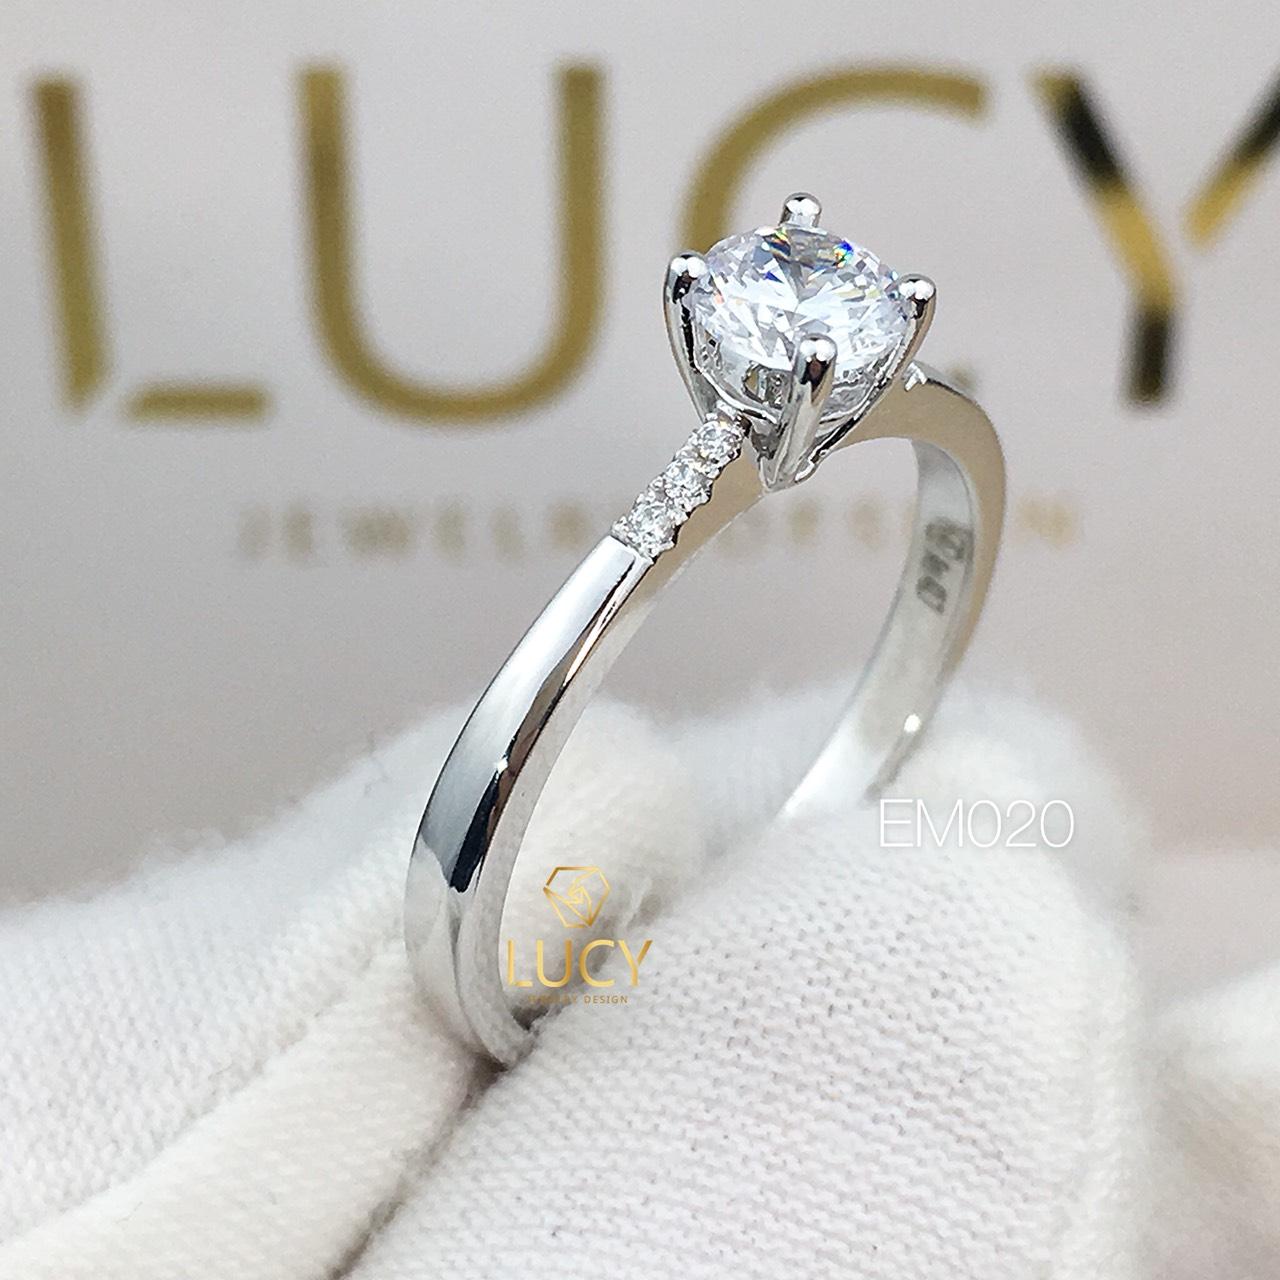 EM020 Nhẫn nữ ổ cao, nhẫn vàng, nhẫn thiết kế, nhẫn cầu hôn, nhẫn đính hôn - Lucy Jewelry